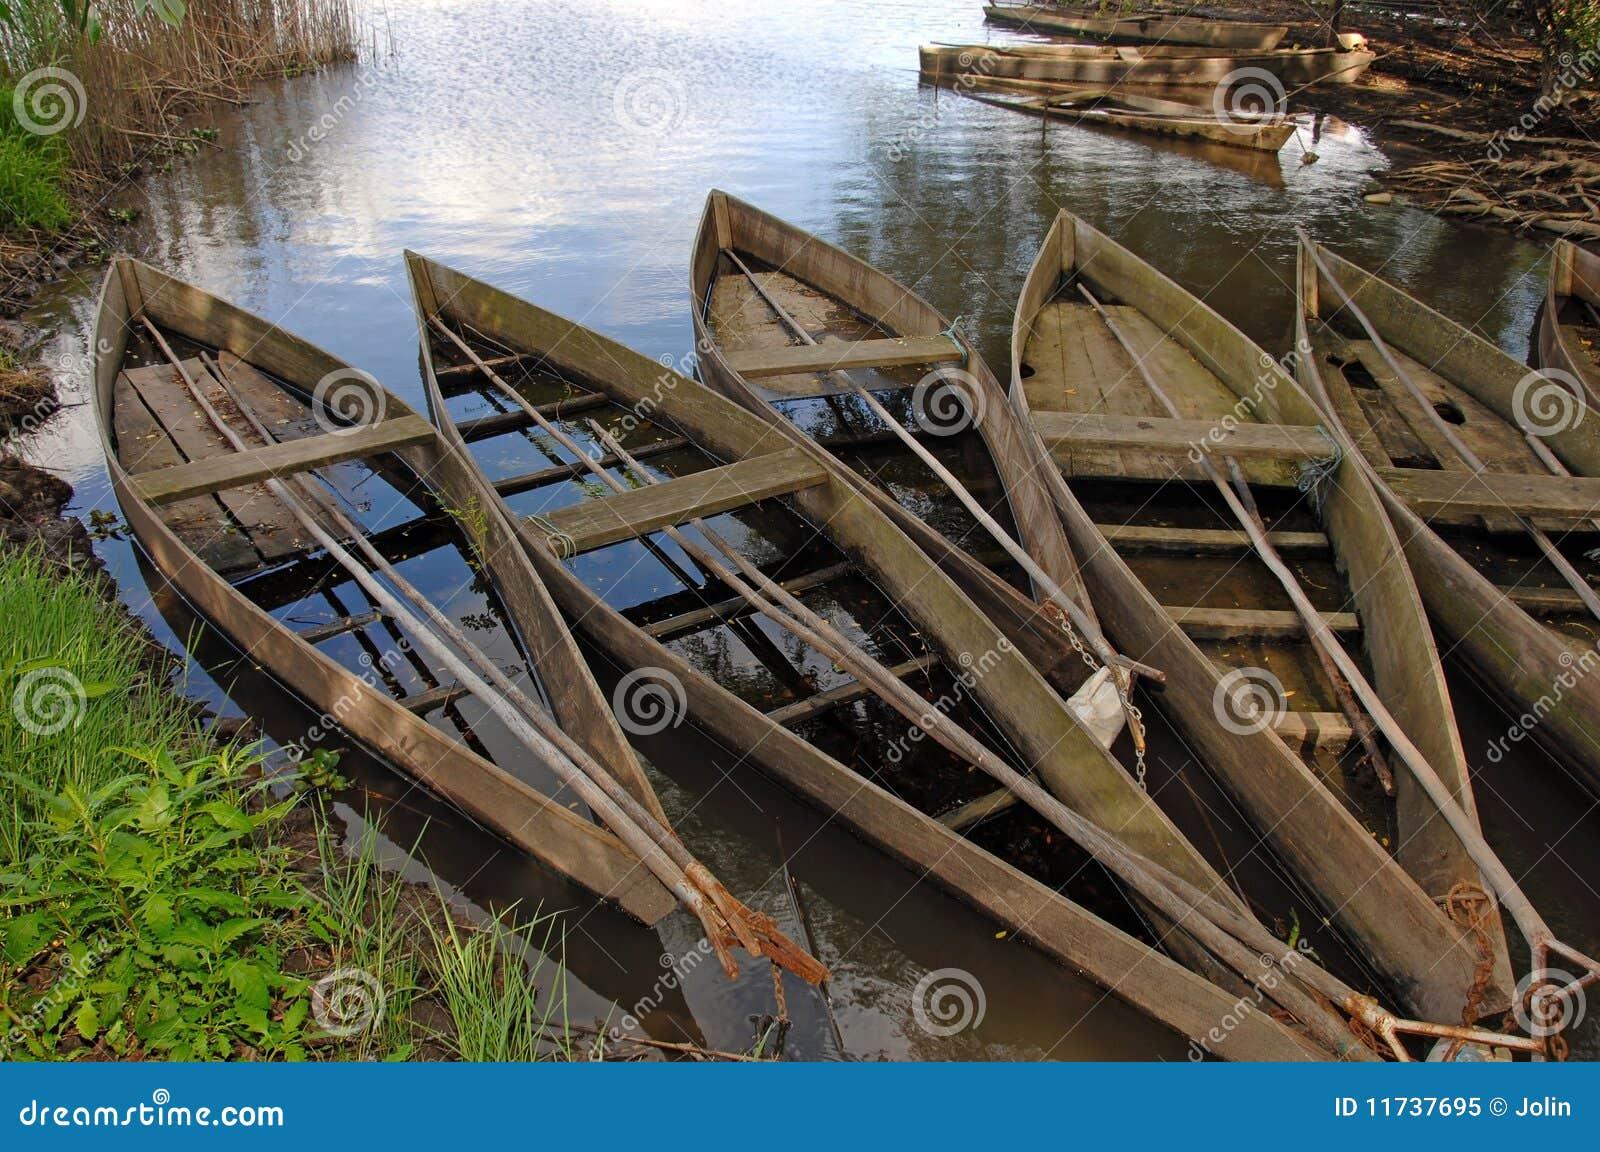 Barche Di Legno In Una Palude Fotografia Stock Libera da Diritti - Immagine: 11737695